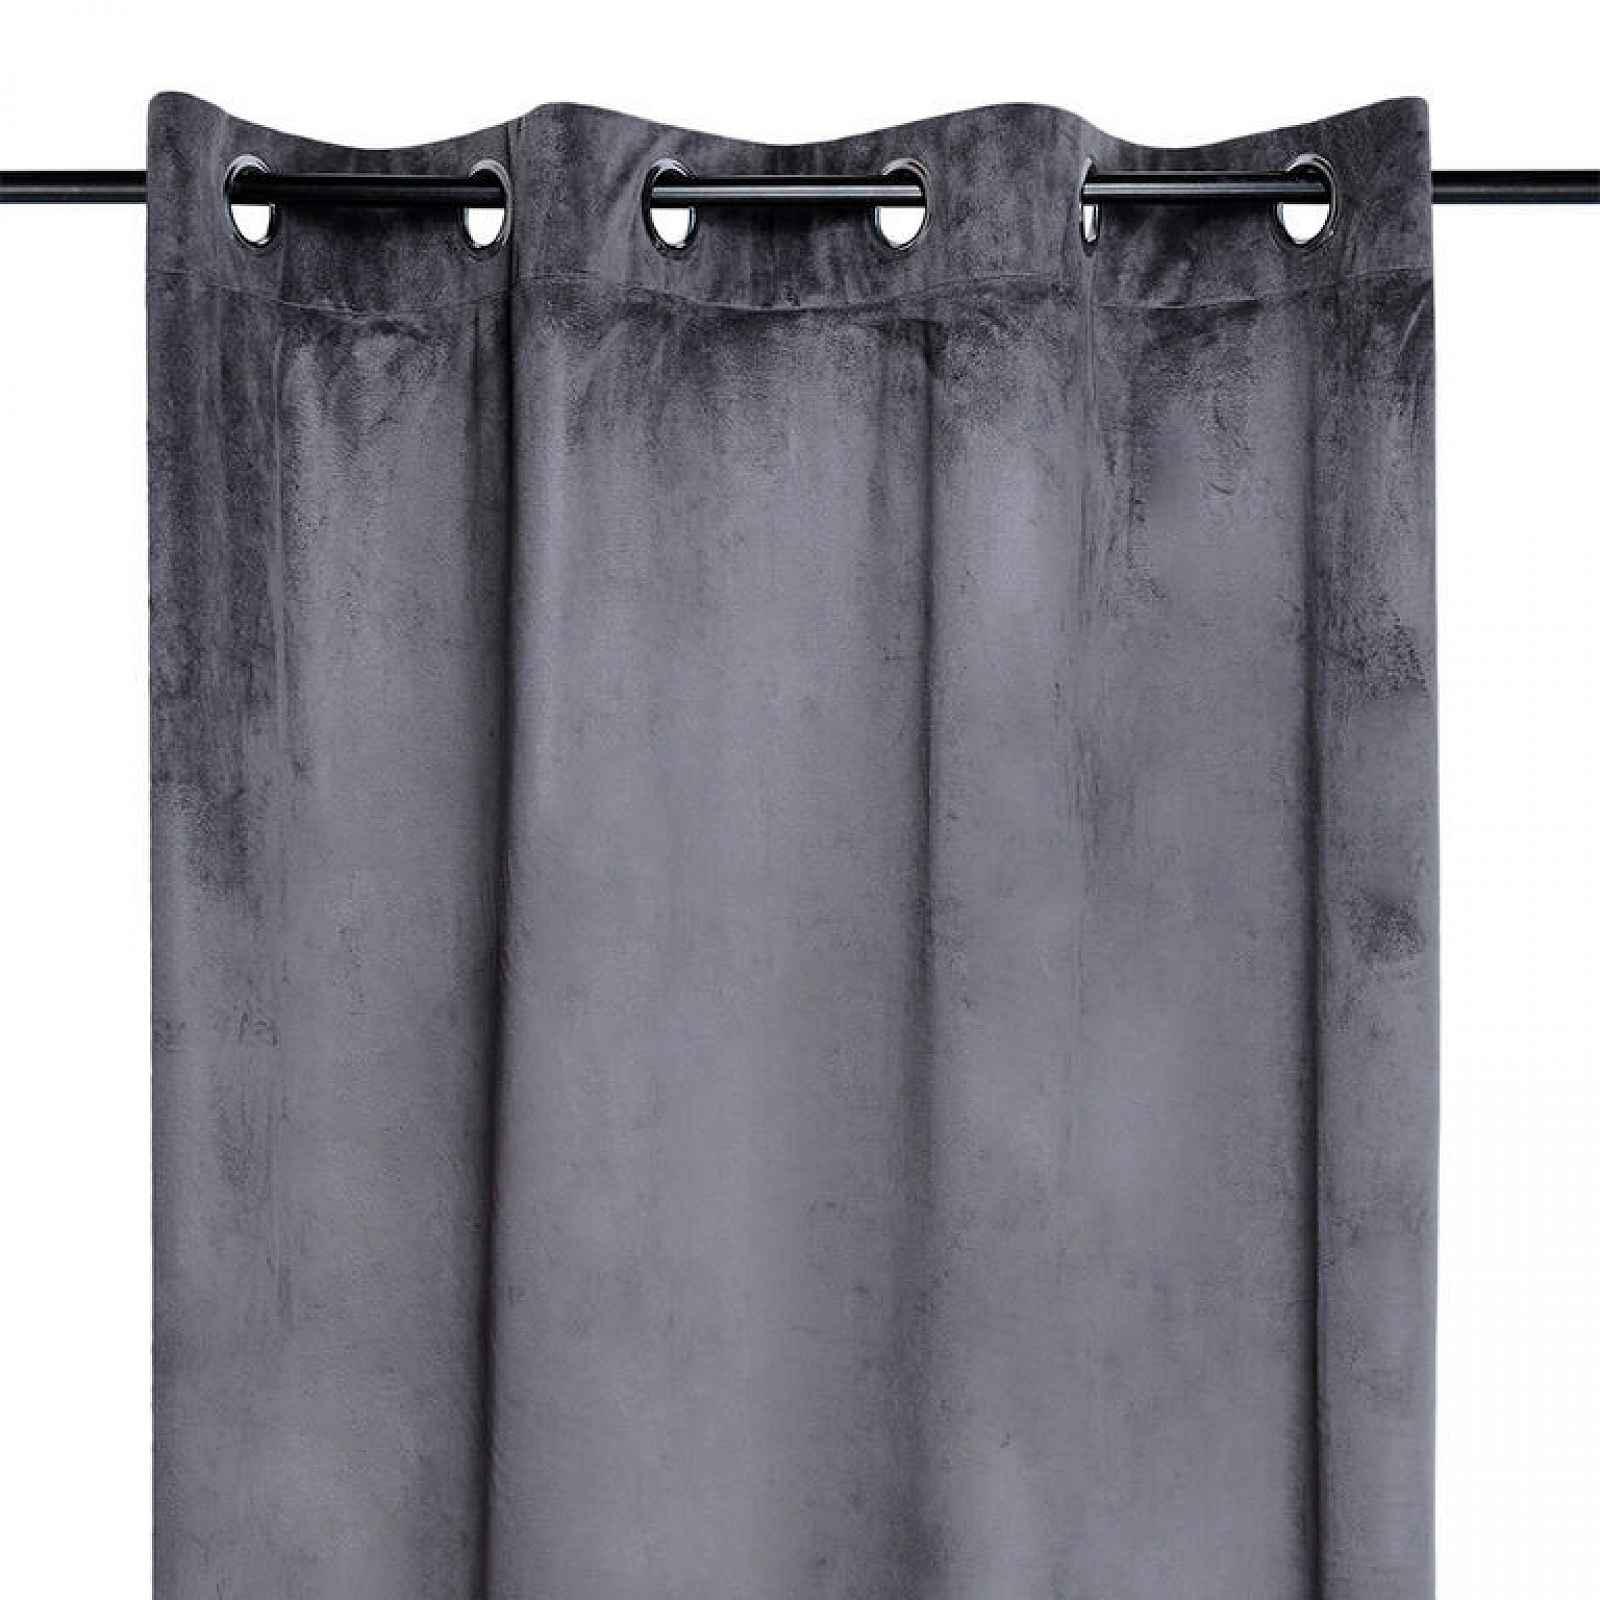 Dekorační velurový závěs DANAÉ tmavě šedý 140 x 260 cm 2 ks